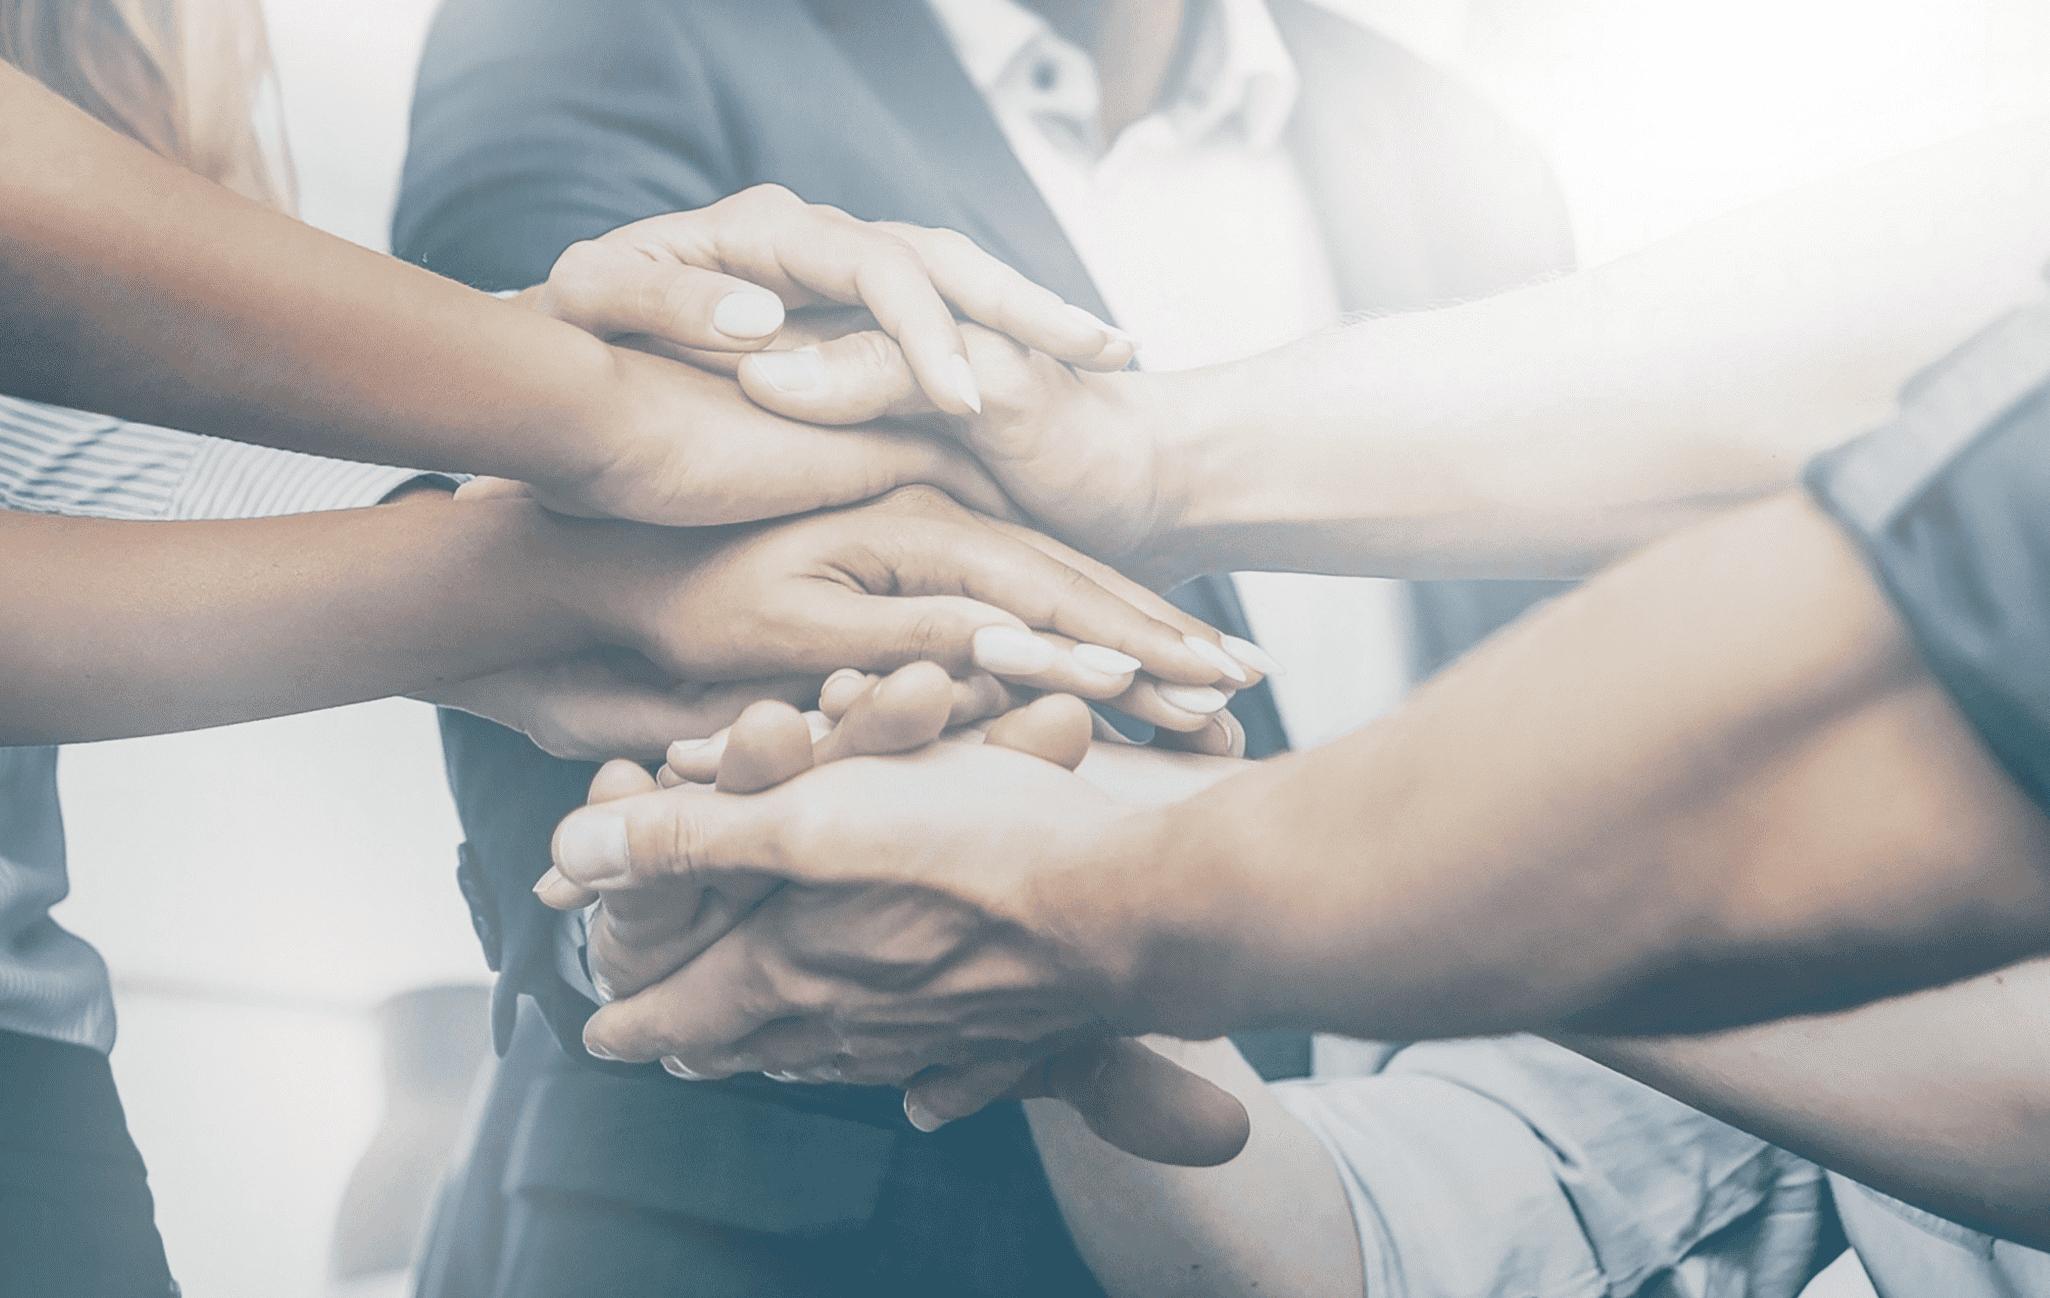 Jodocus ist mit der höchsten Atlassian-Zertifizierung ausgezeichnet: Platinum Solution Partner